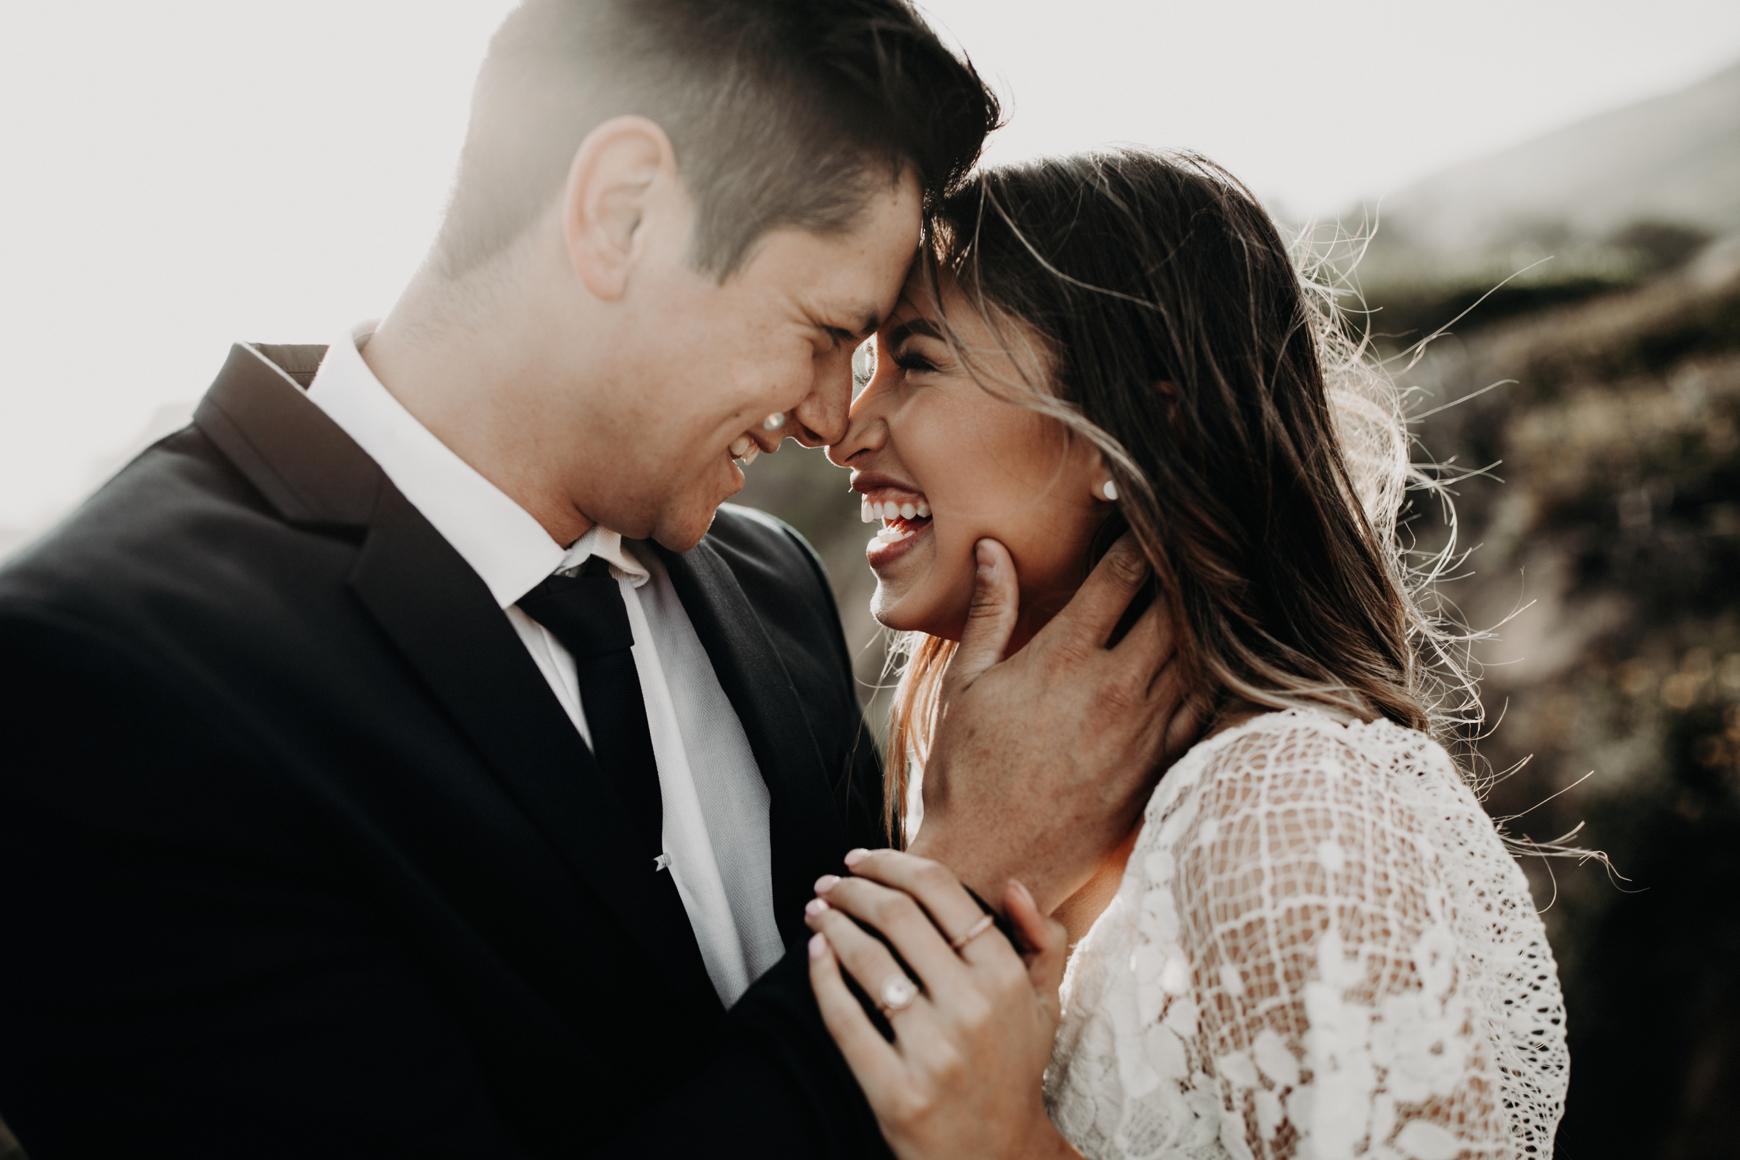 El Matador Beach Bridal Portraits Justellen & TJ Emily Magers Photography-56Emily Magers Photography.jpg